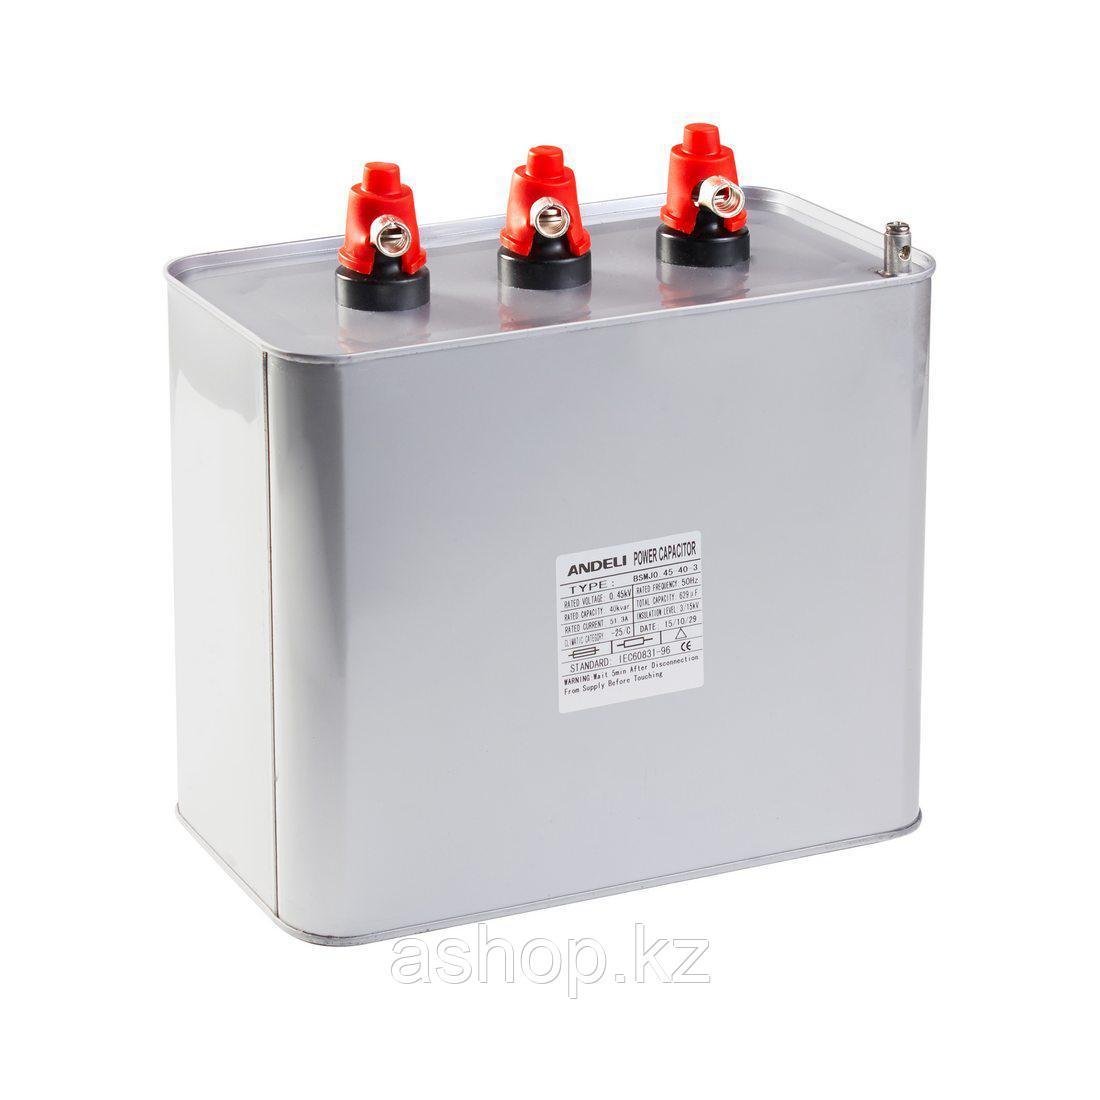 Конденсатор компенсации реактивной мощности Andeli BSMJ0.45-40-3, Ёмкость: 629 мкФ, Мощность: 40 кВАр, Напряже